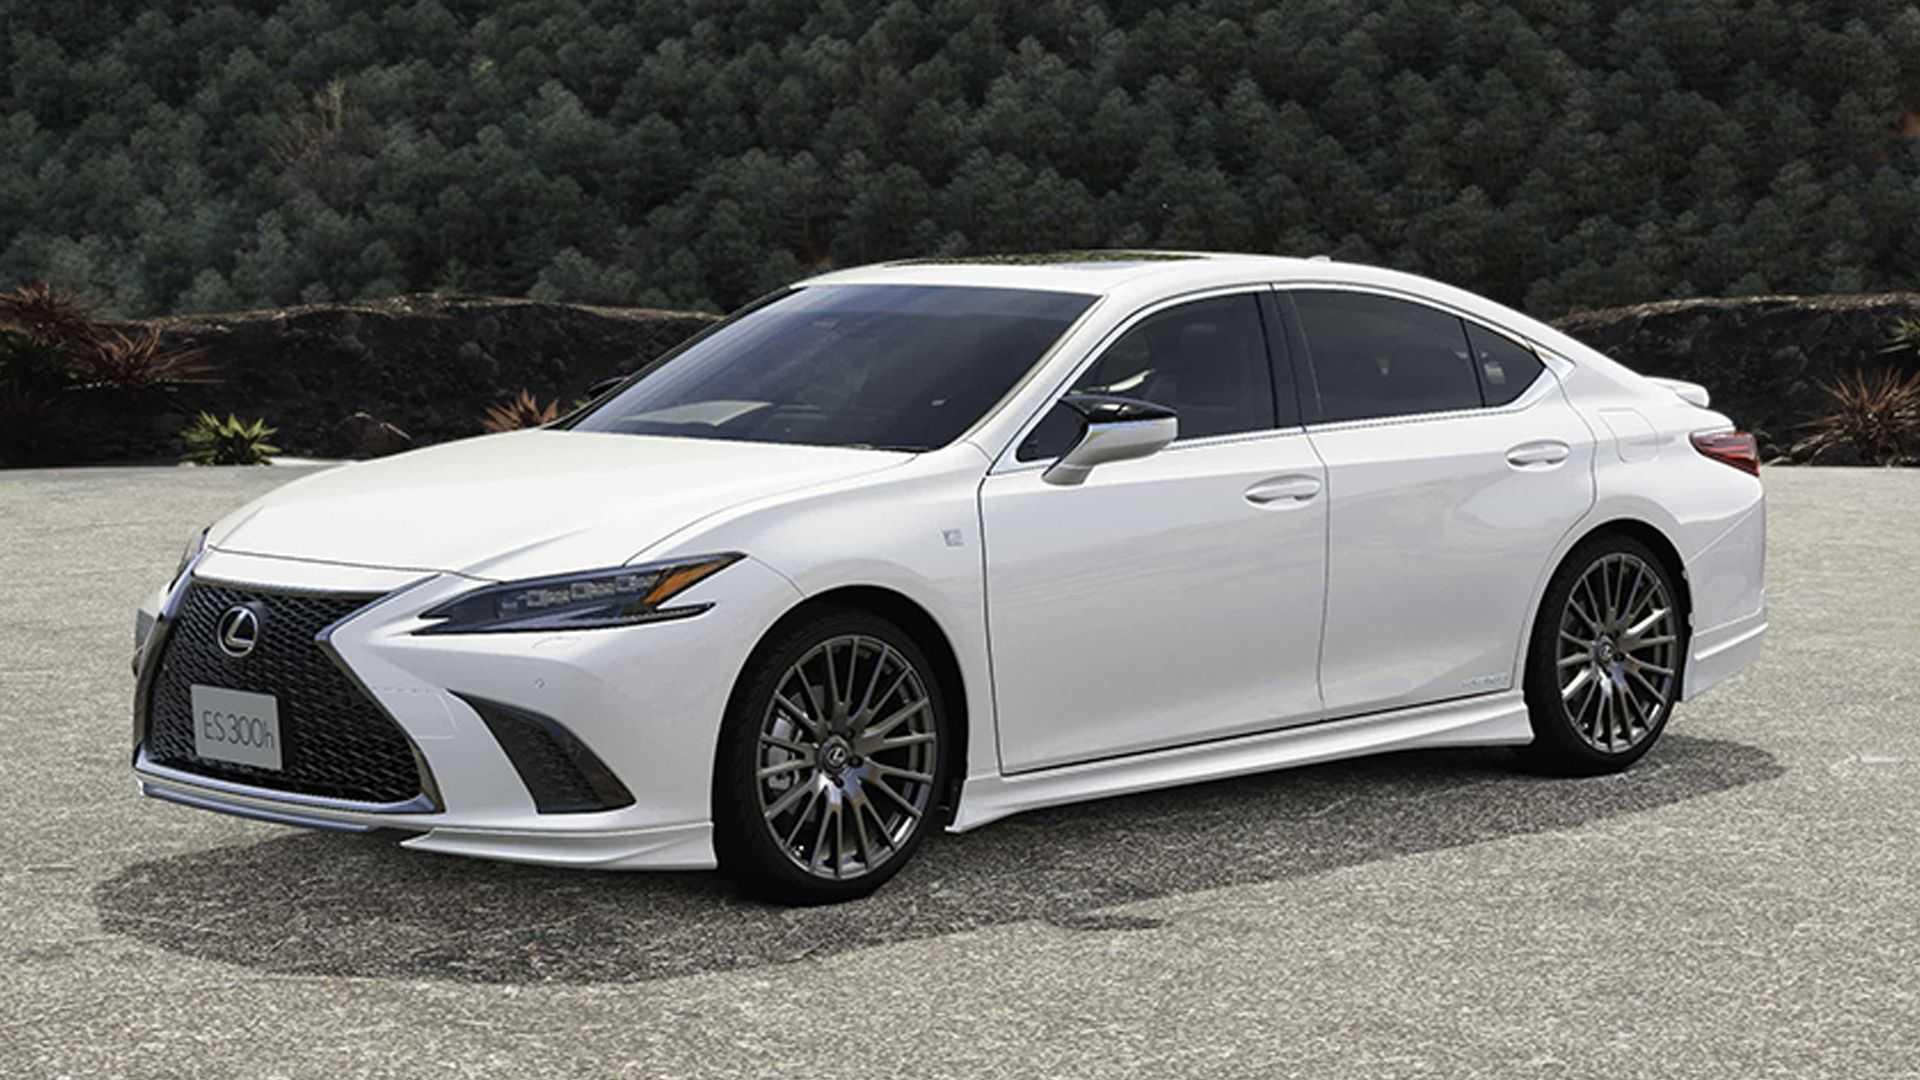 Lexus-ES-facelift-with-TRD-Parts-6